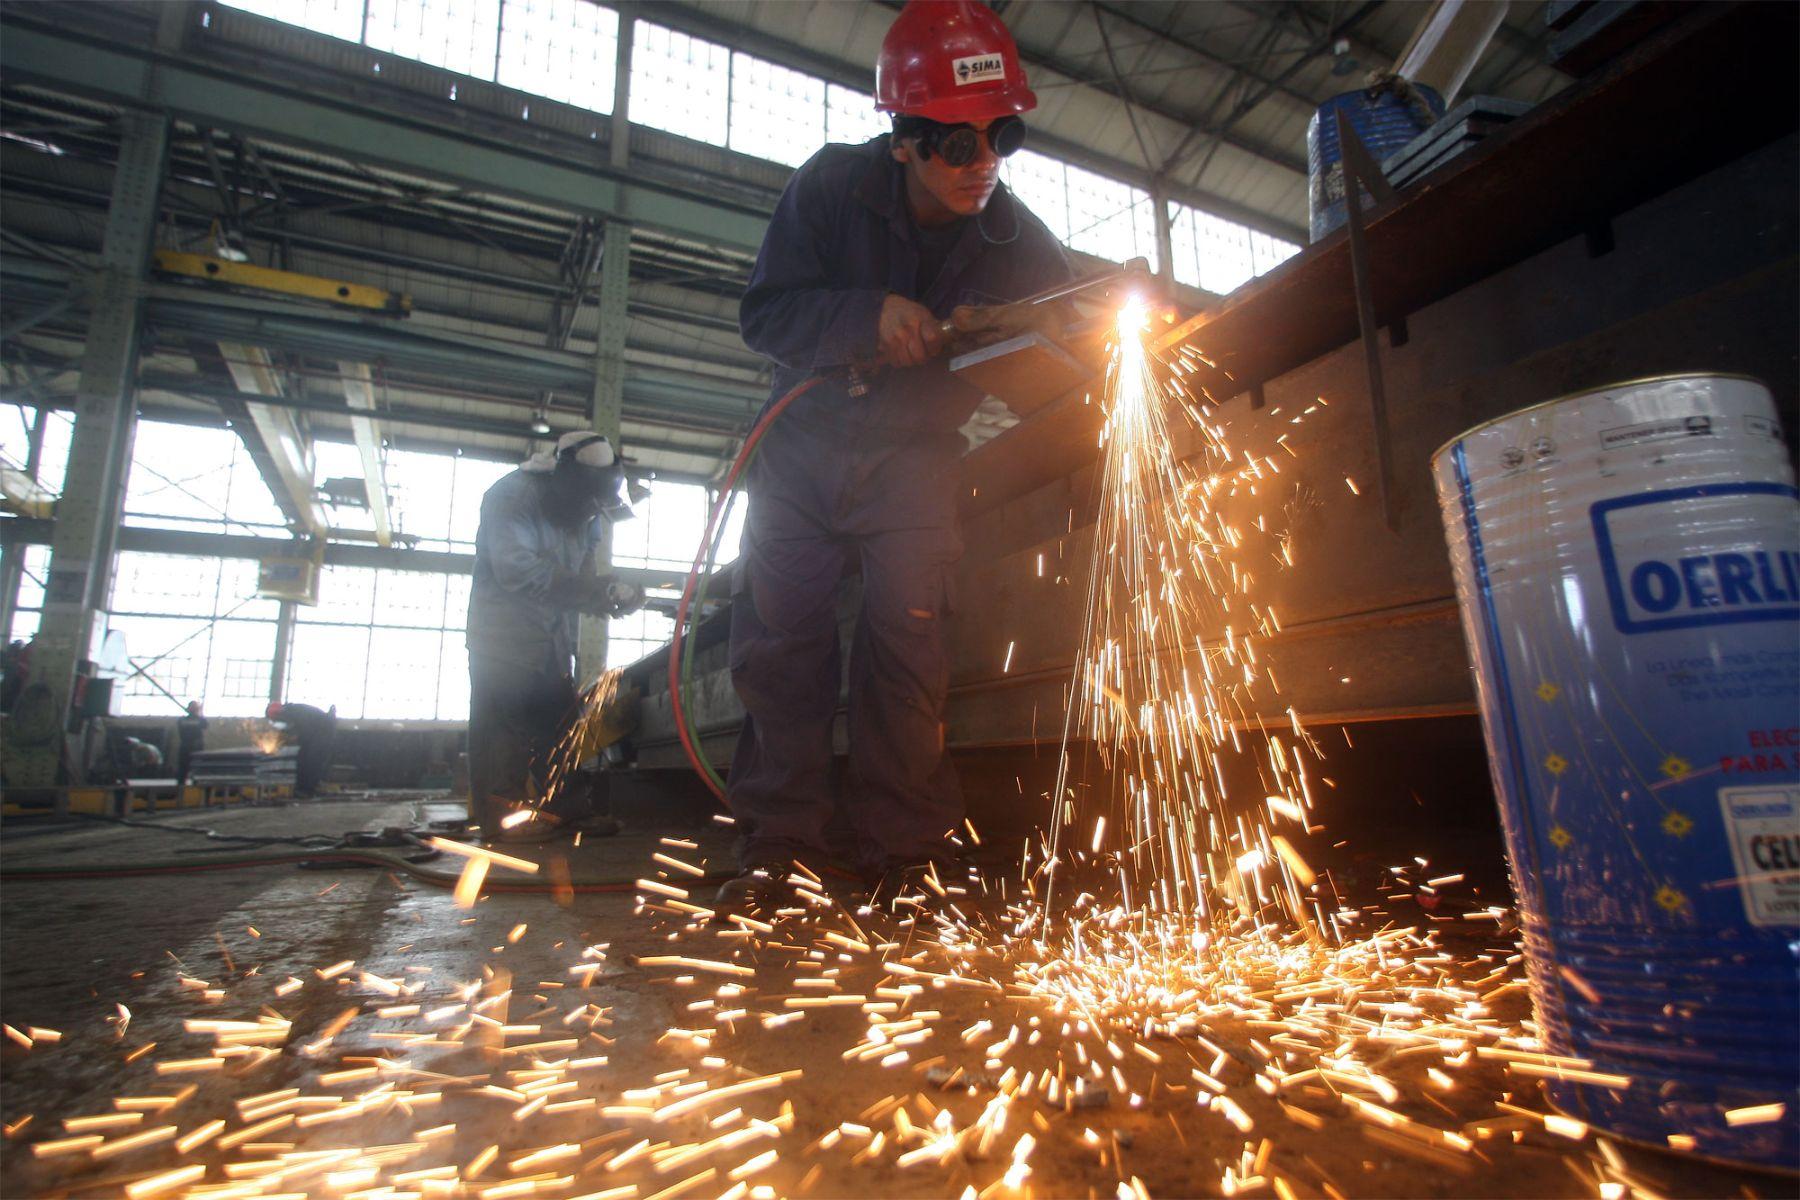 Los trabajos que se realizan en los astilleros del Sima requieren de una gran especialización del personal. Foto: ANDINA/Alberto Orbegoso.